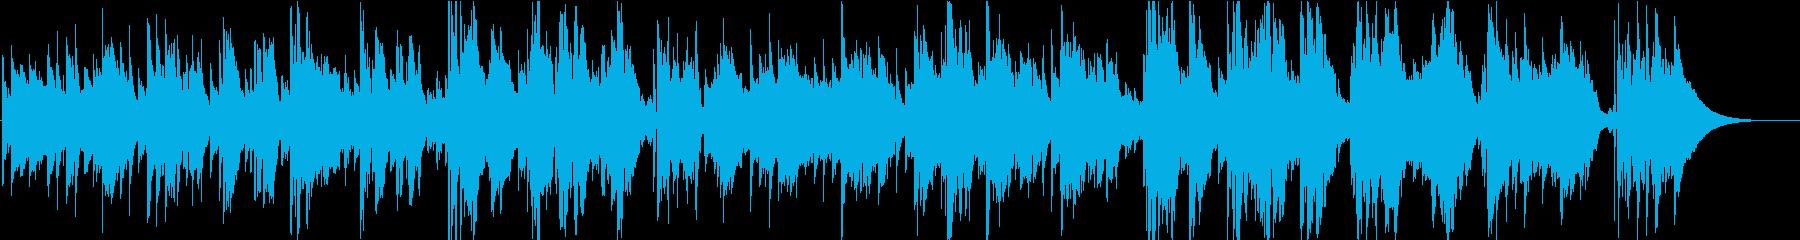 男性ボーカルのポップ/ロック。スパ...の再生済みの波形